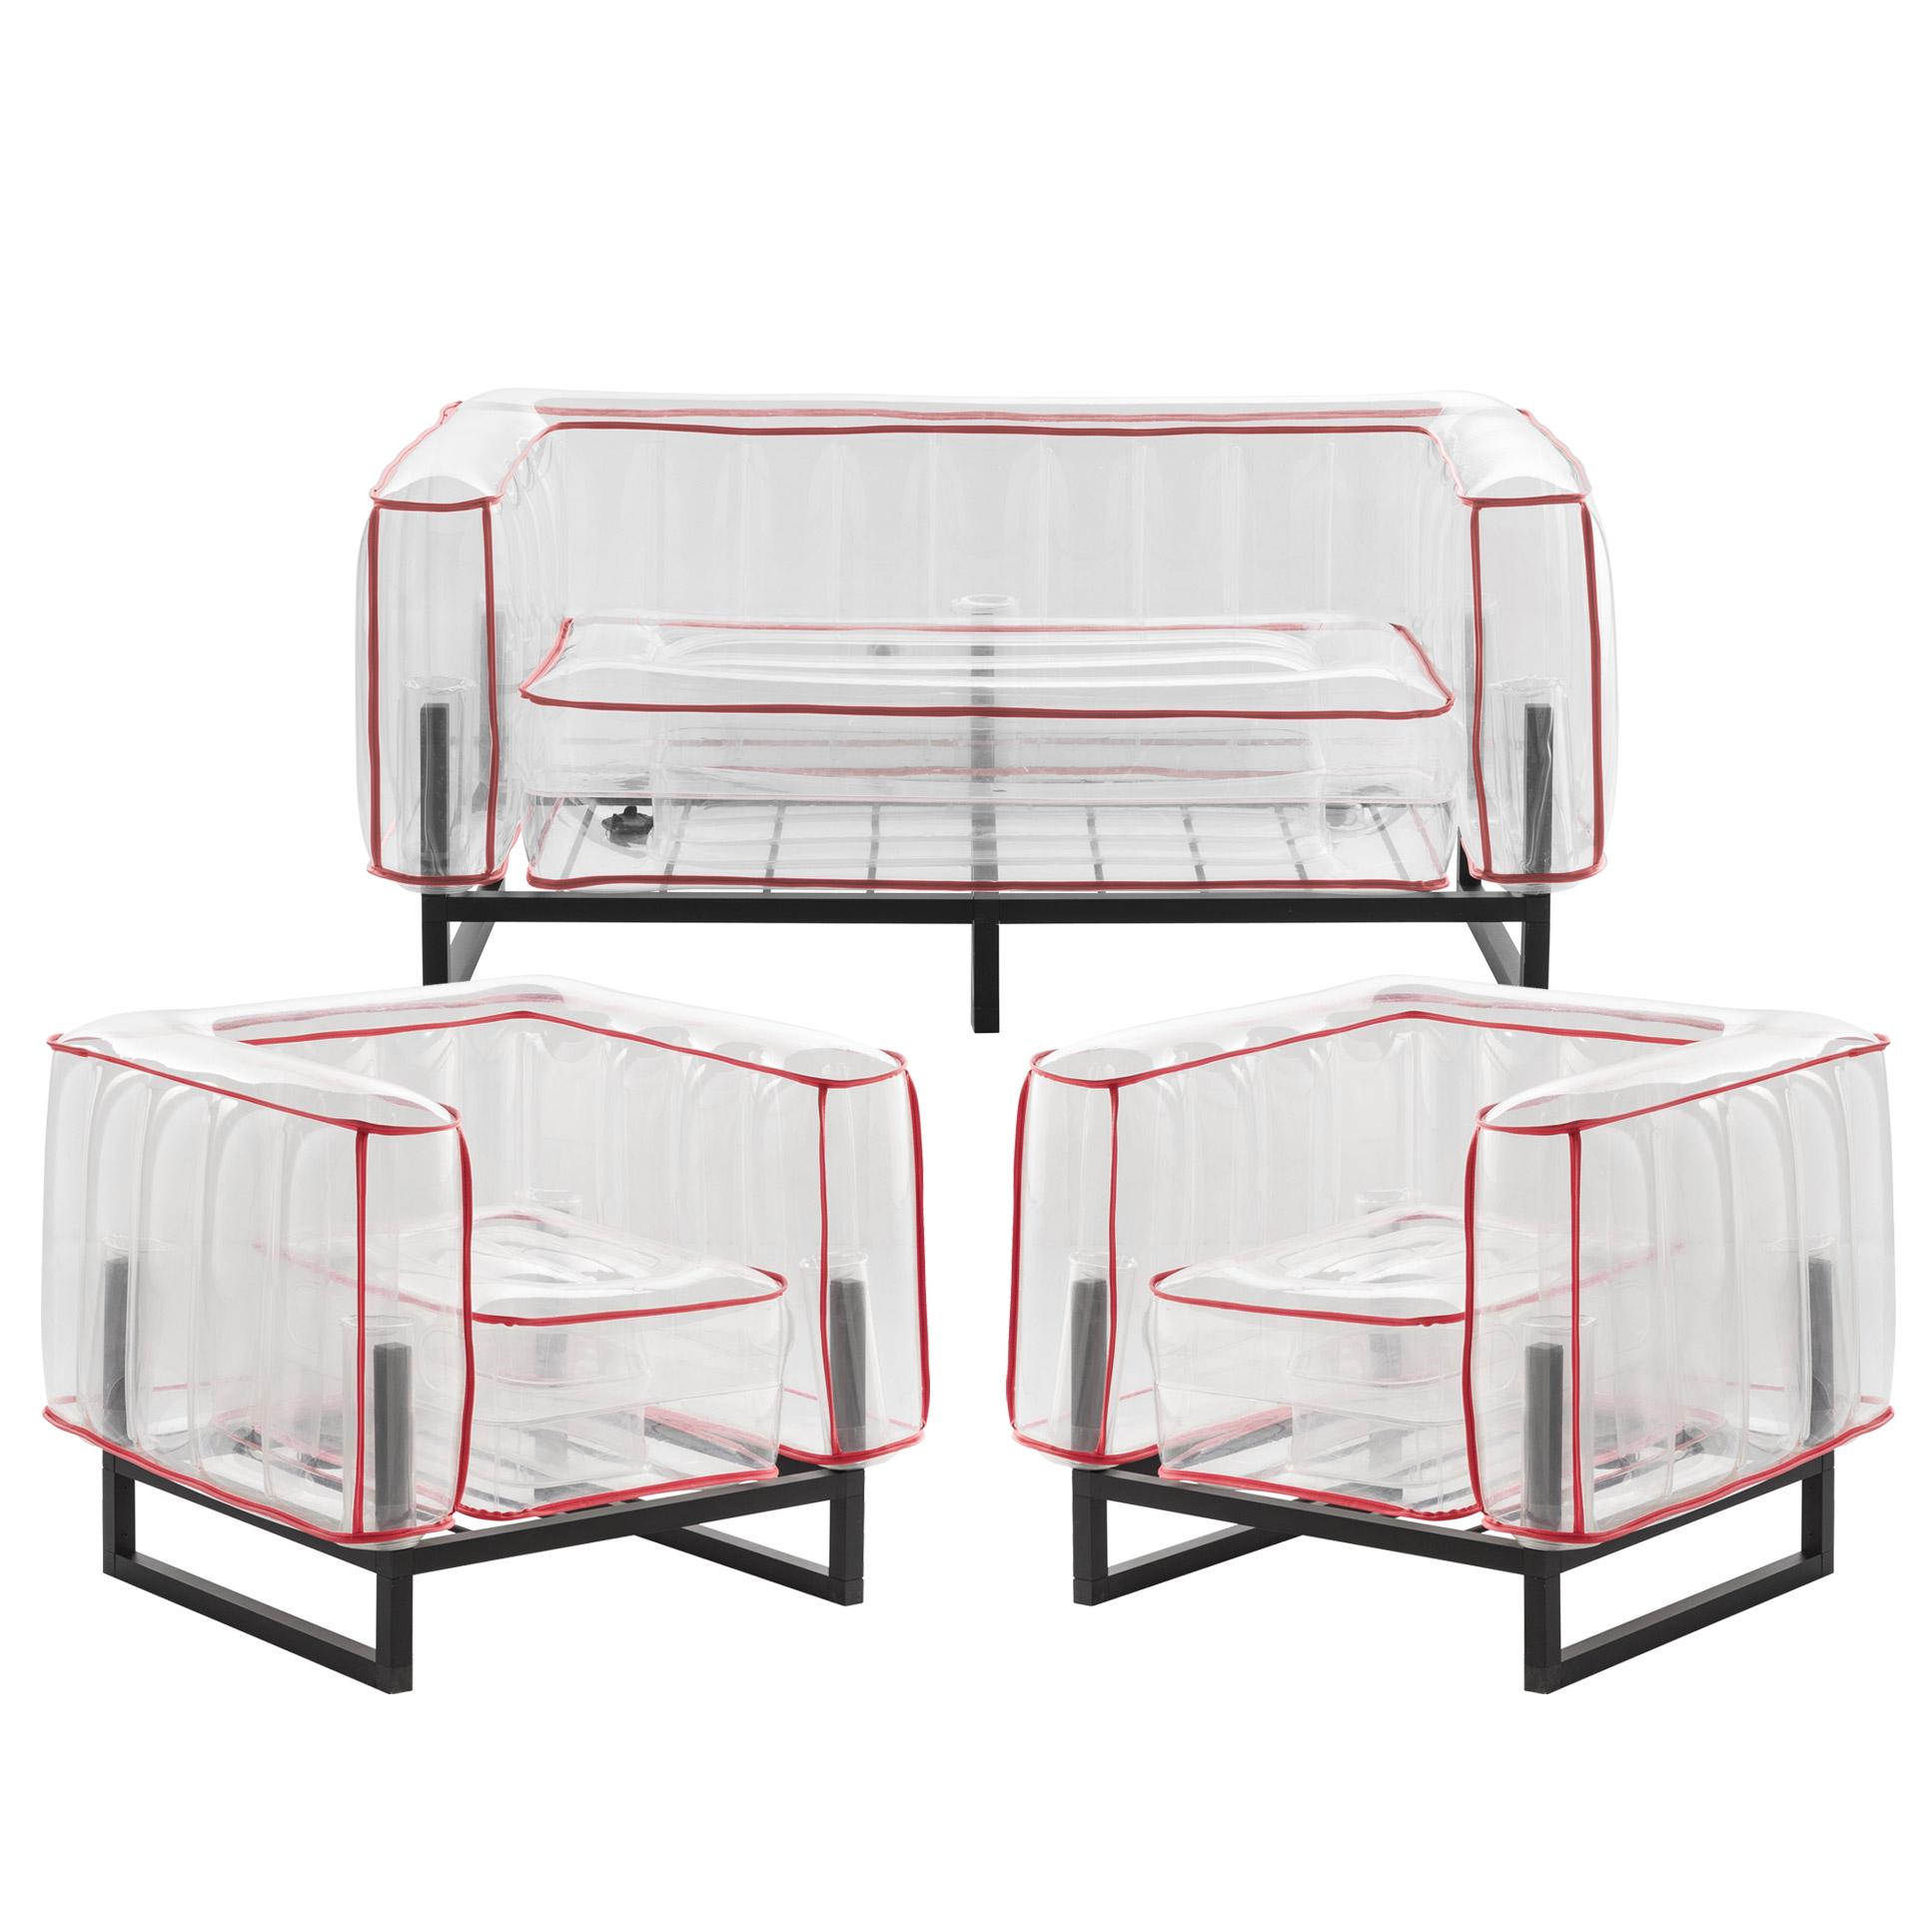 Salon de jardin design, 1 canapé et 2 fauteuils Passepoil rouge